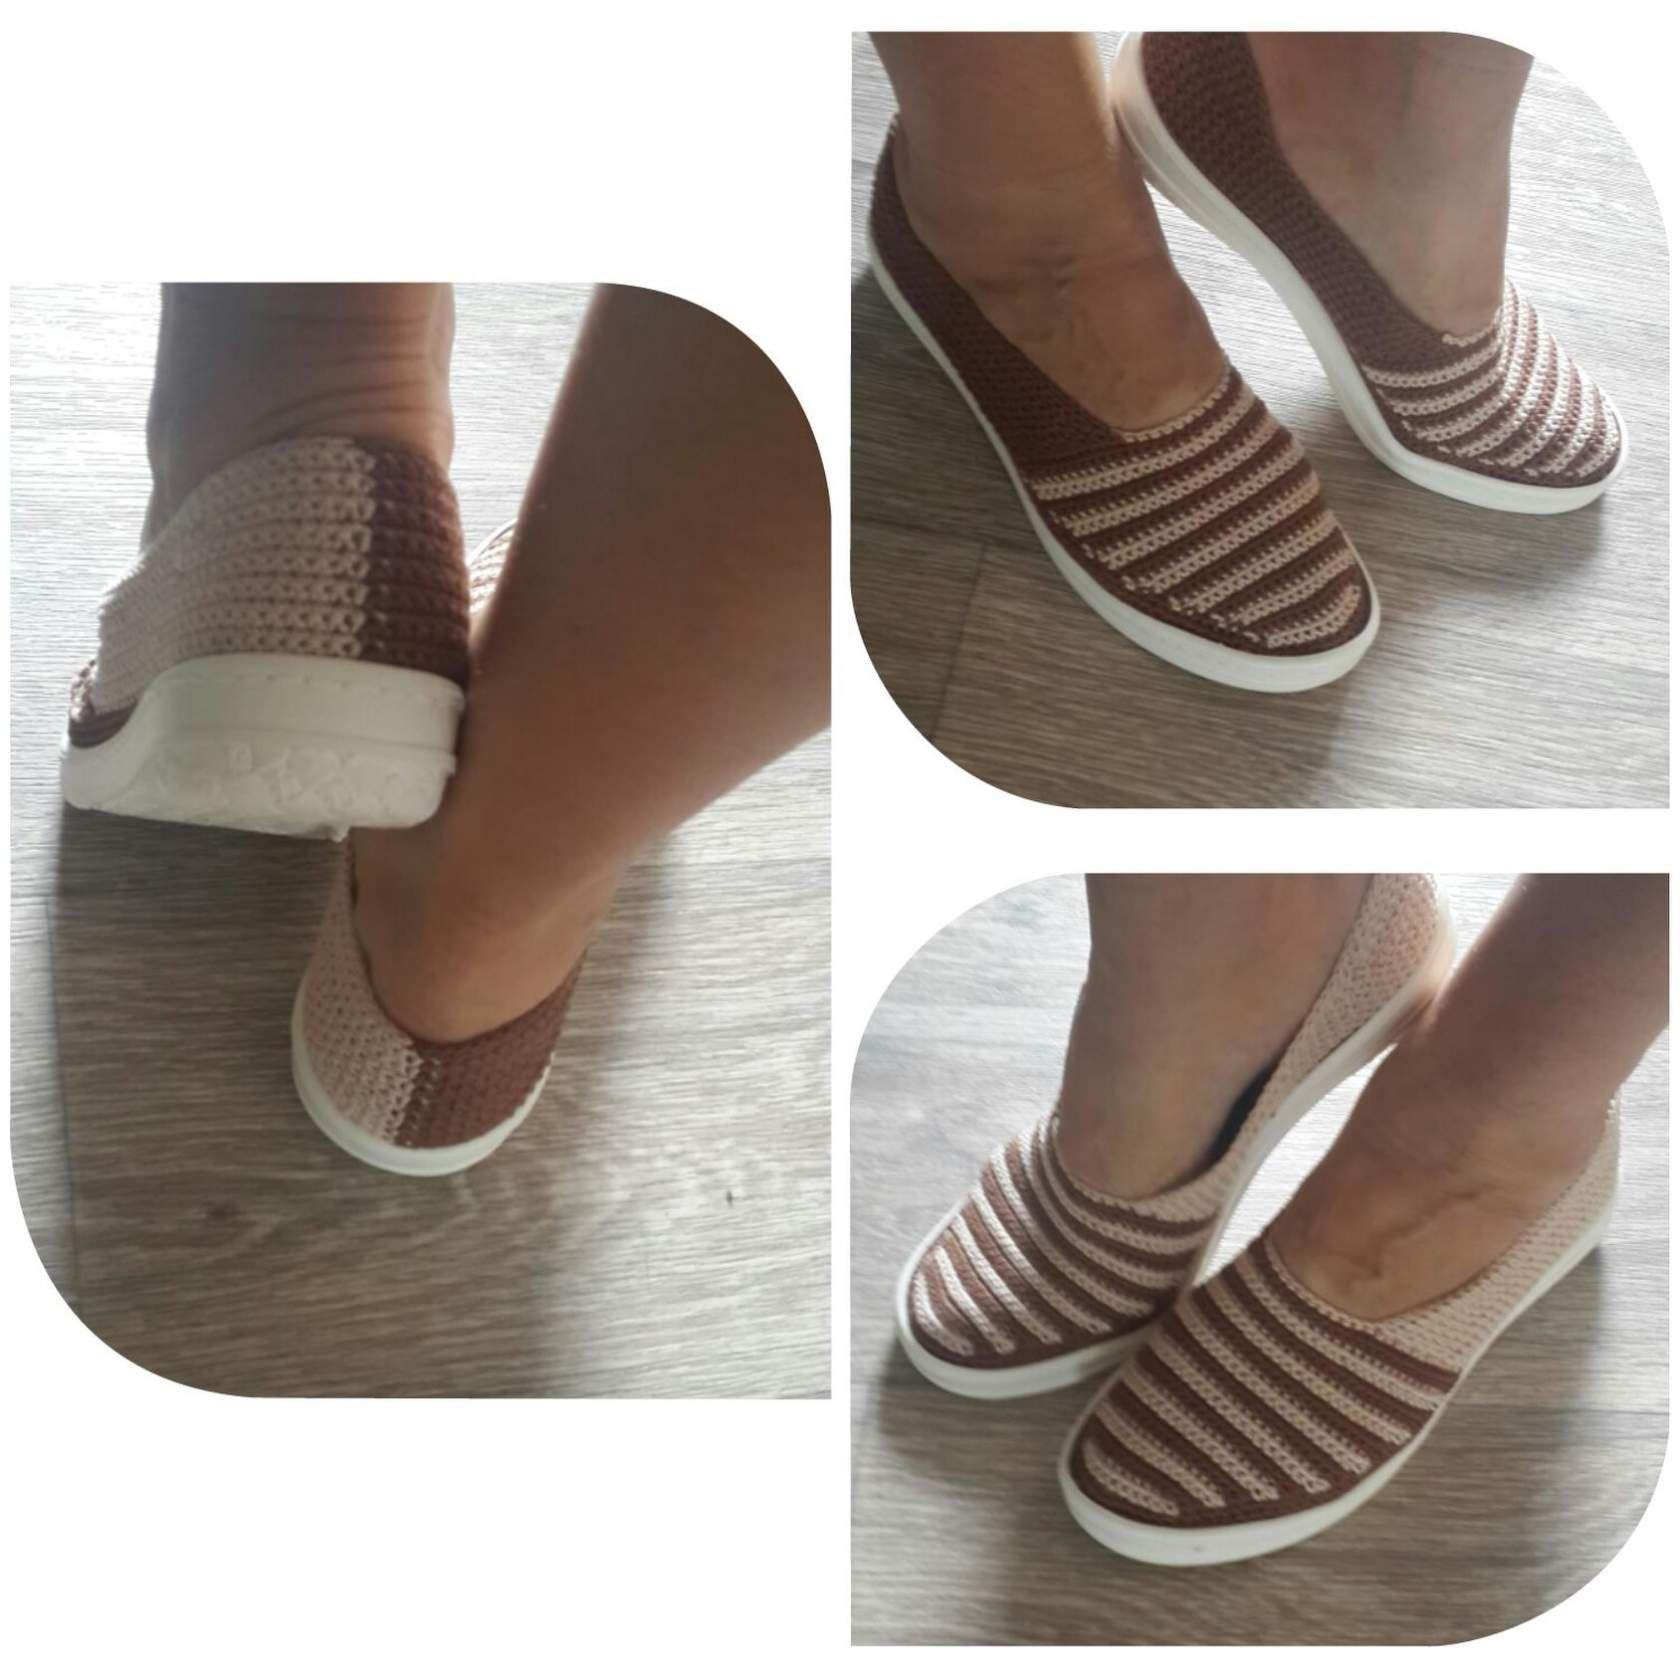 Resultado de imagen para zapatos yelu | Zapatillas | Pinterest ...